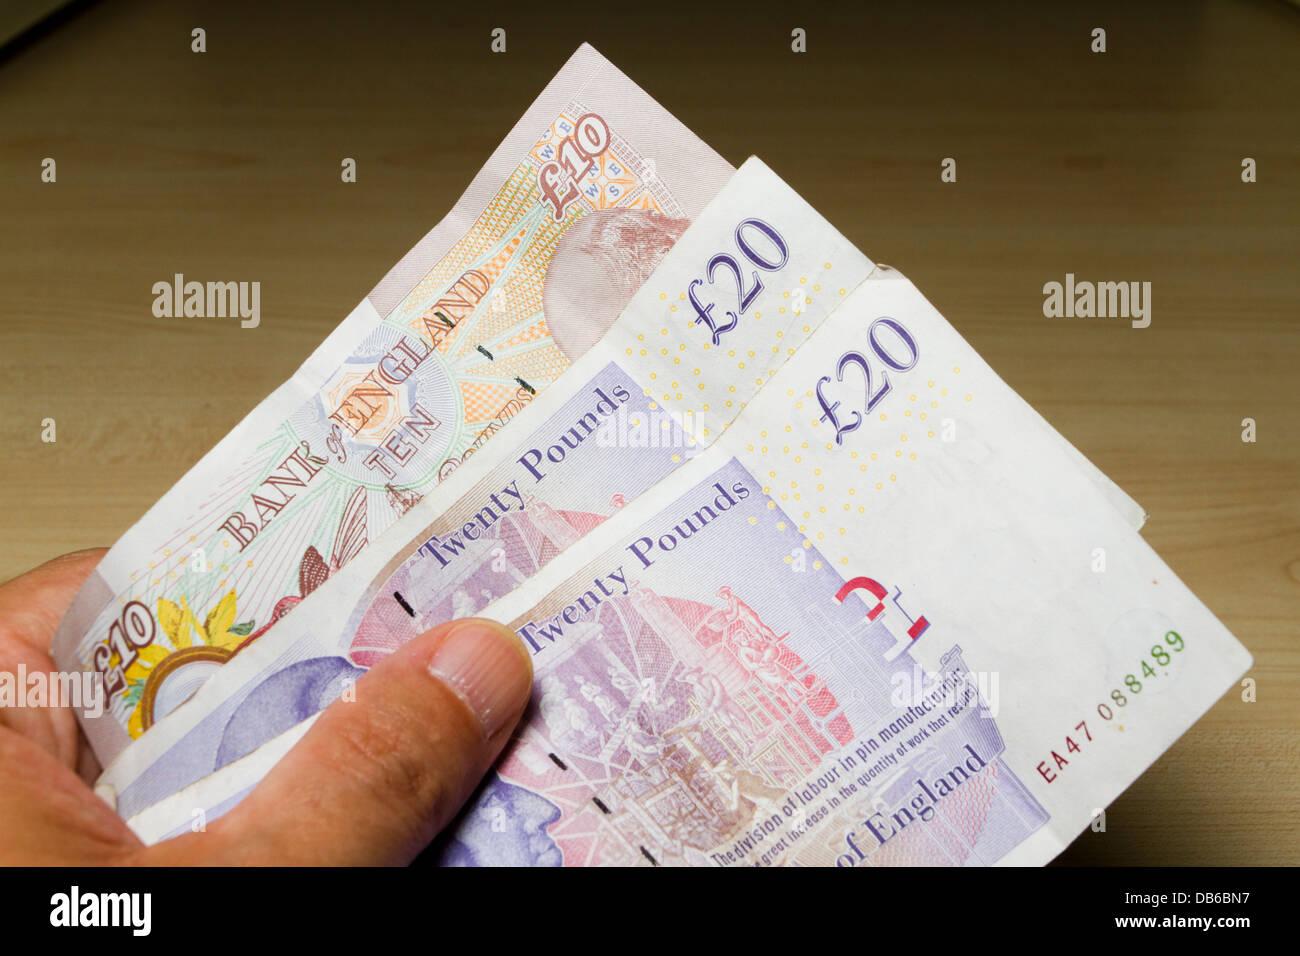 Mantenga la mano de un hombre de 50 libras esterlinas en efectivo, compuesto de 2 £20 £10 libras y 1 notas, Imagen De Stock